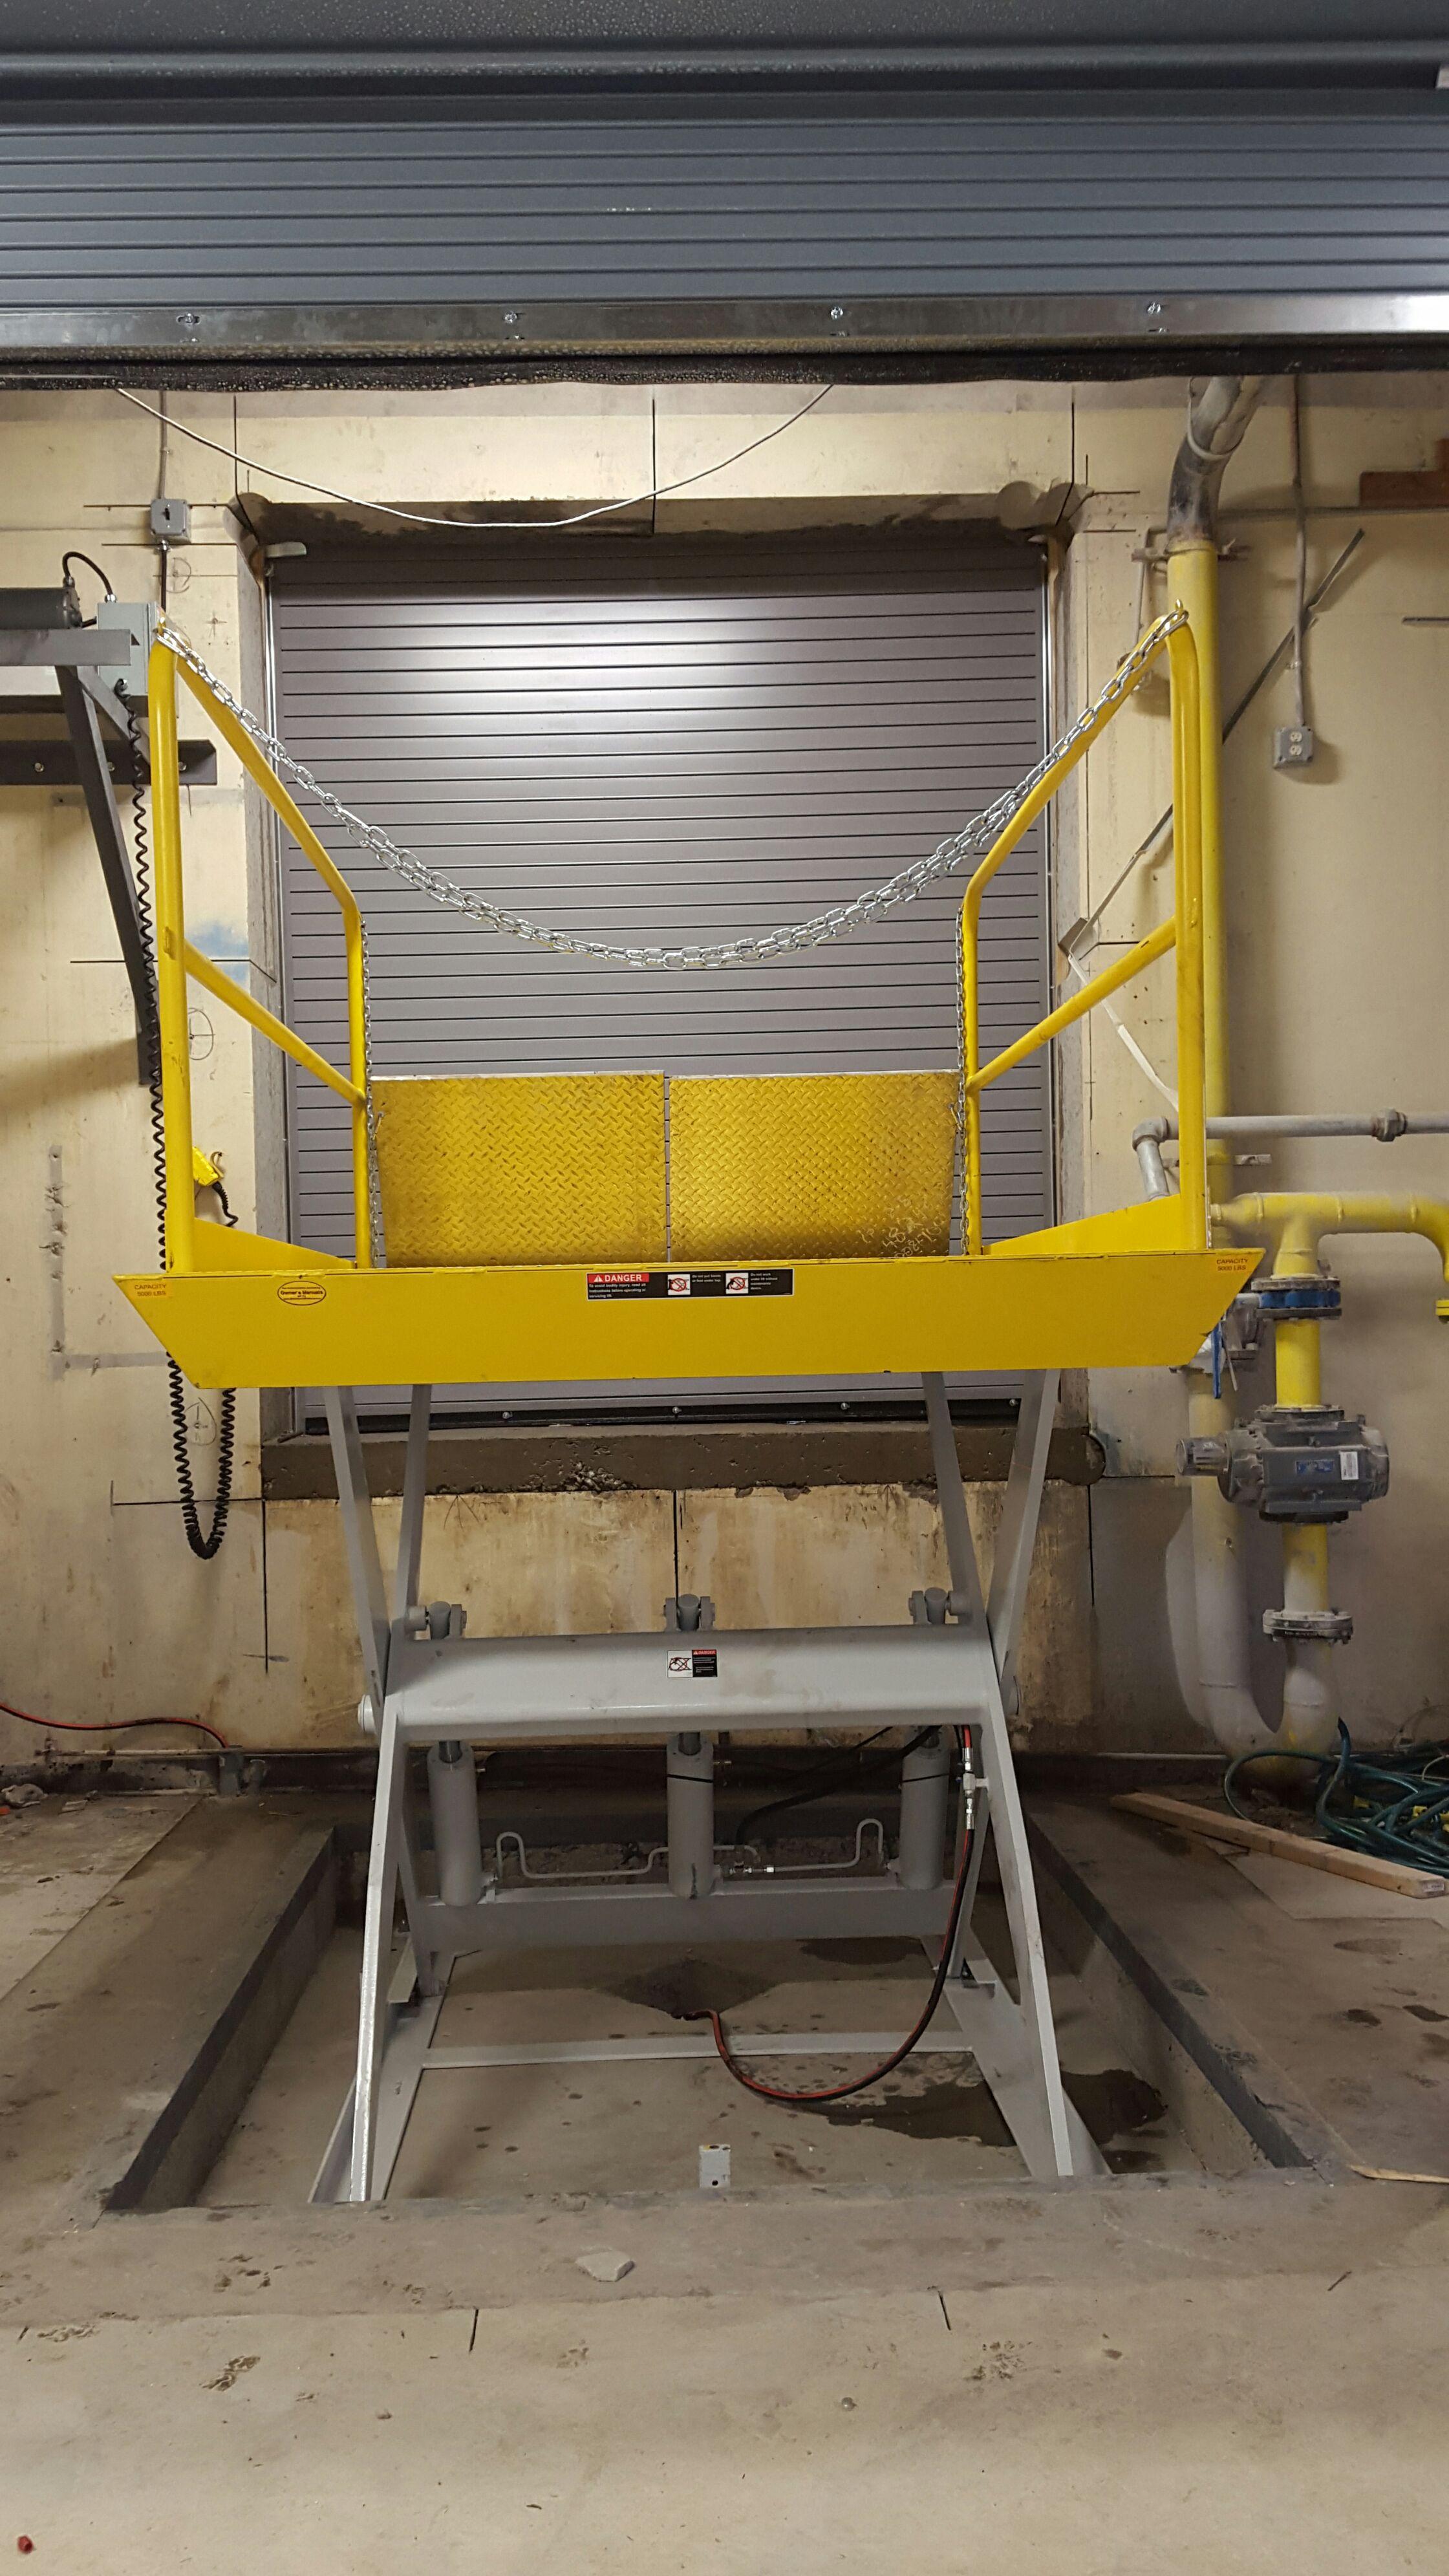 Dock Plate Lift Installation Company NYC NJ